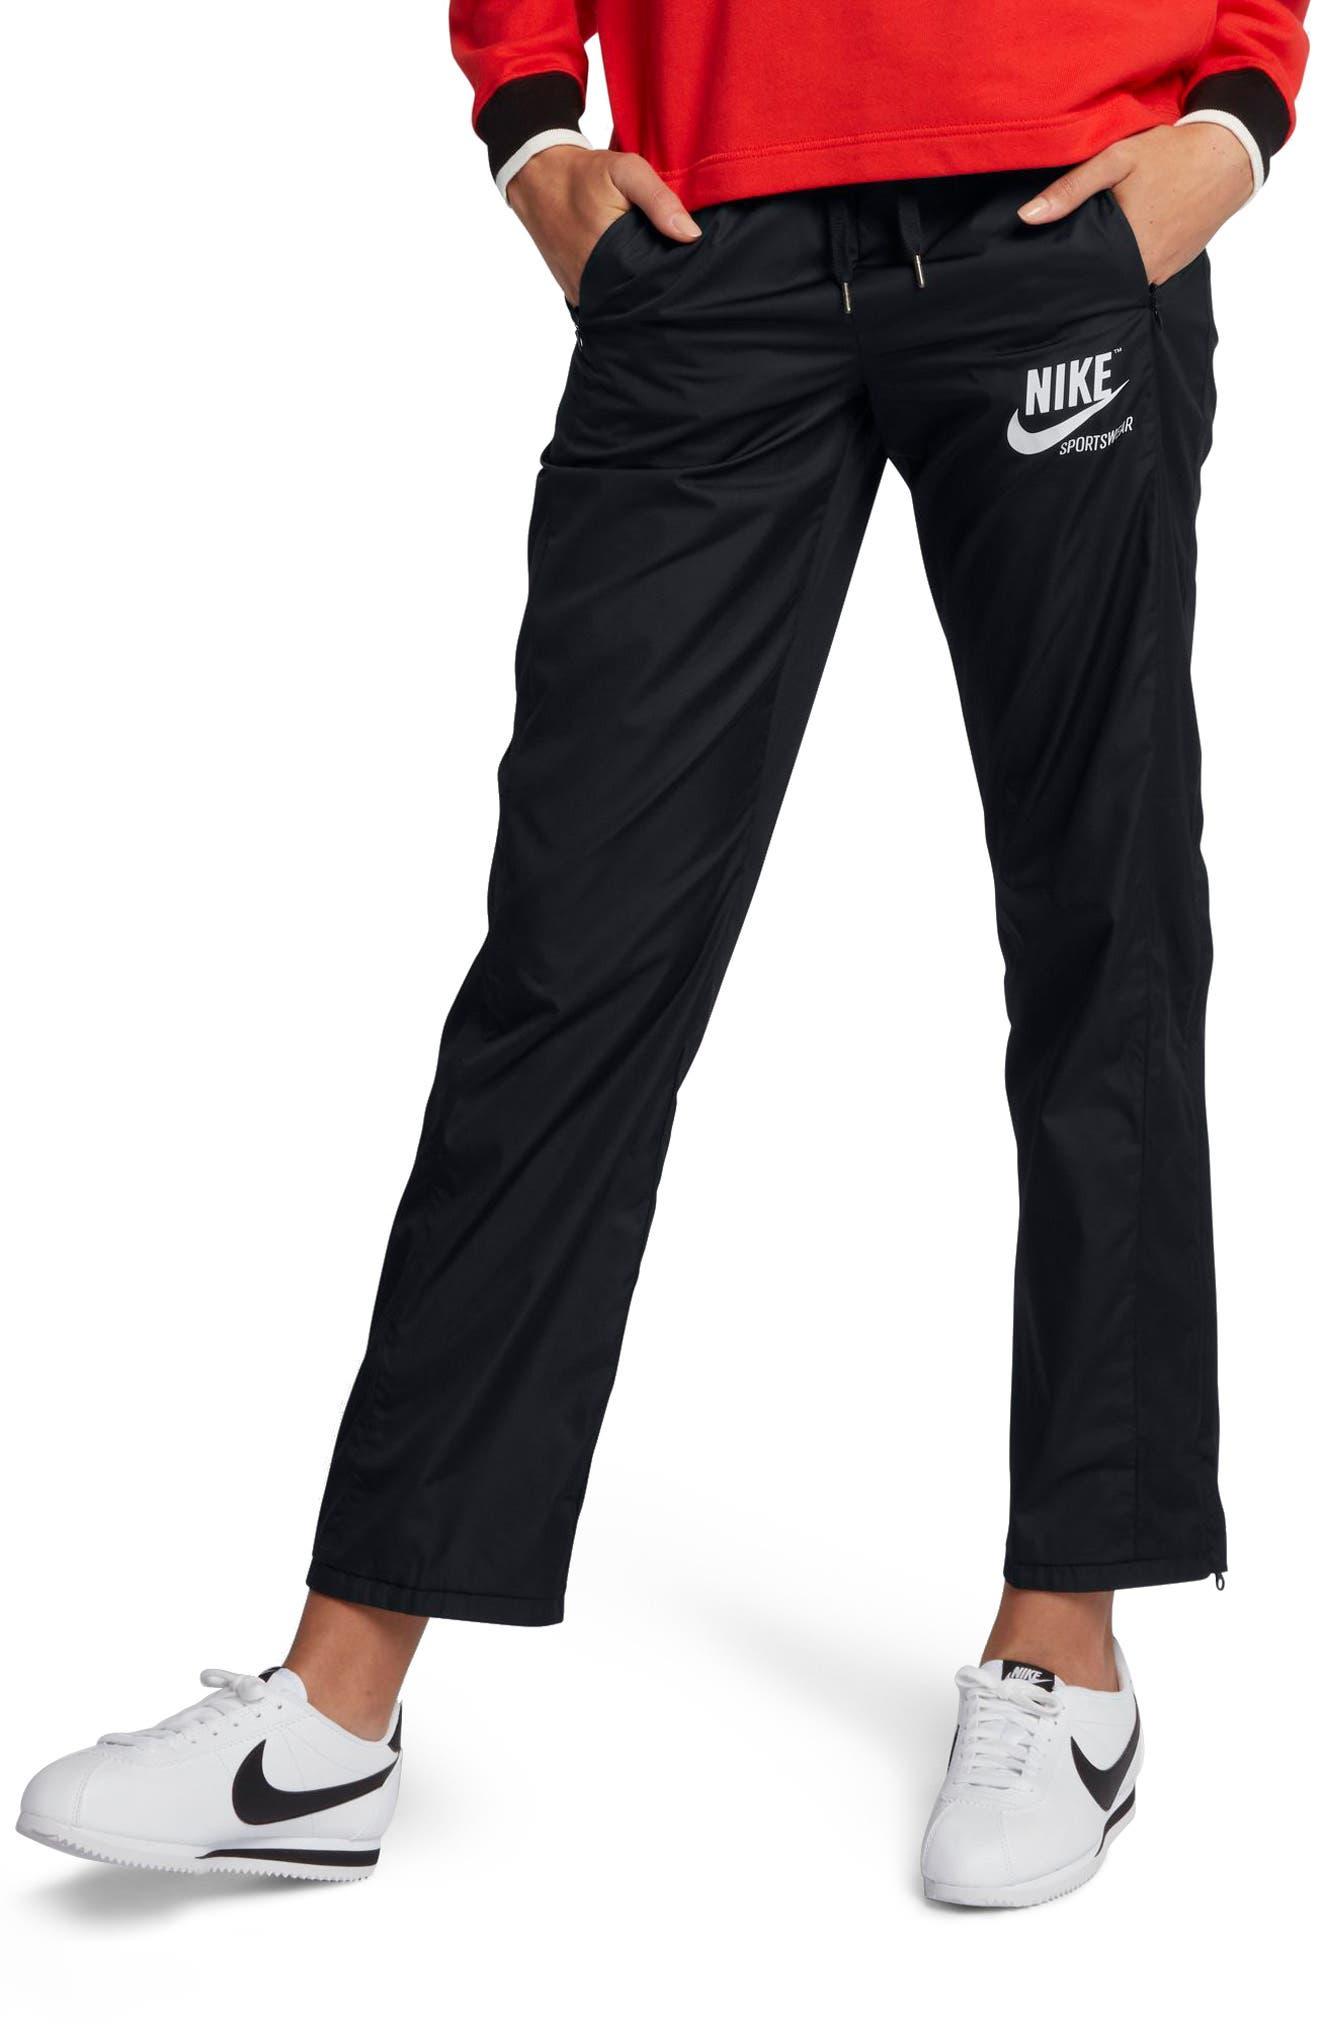 Nike Sportswear Women's Stretch Faille Pants